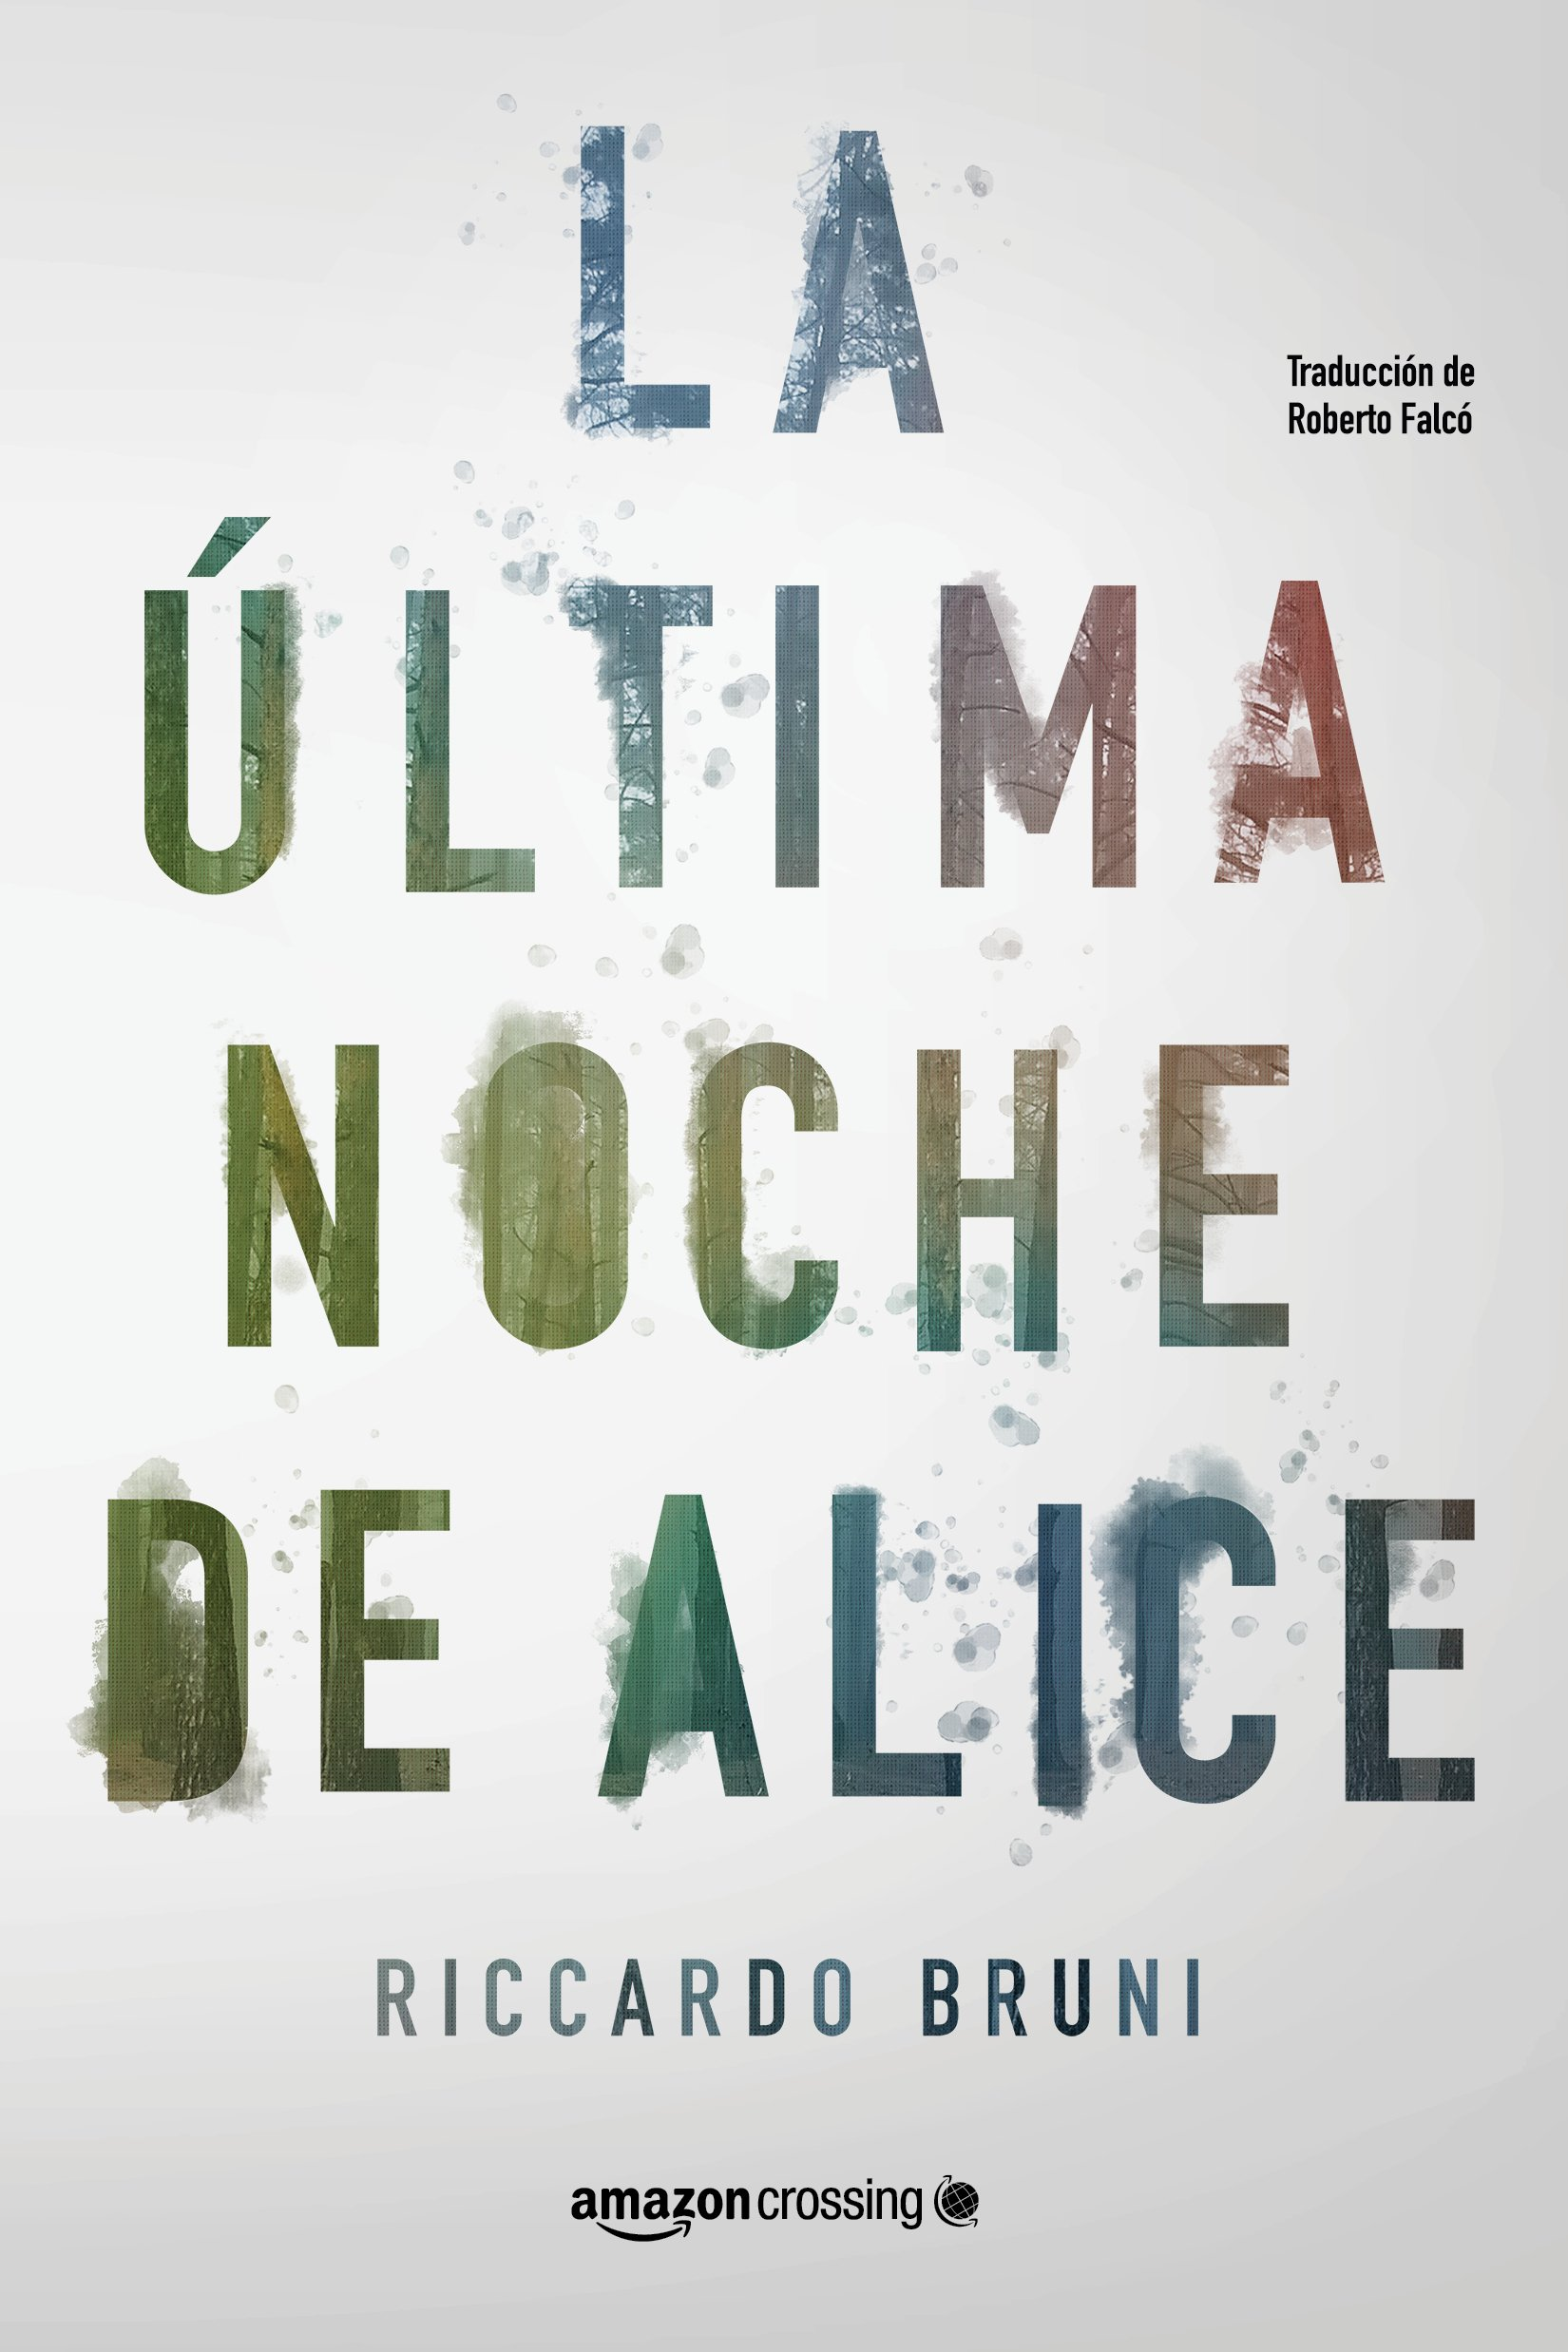 Amazon.com: La última noche de Alice (Spanish Edition) (9782919802722): Riccardo Bruni, Roberto Falcó Miramontes: Books